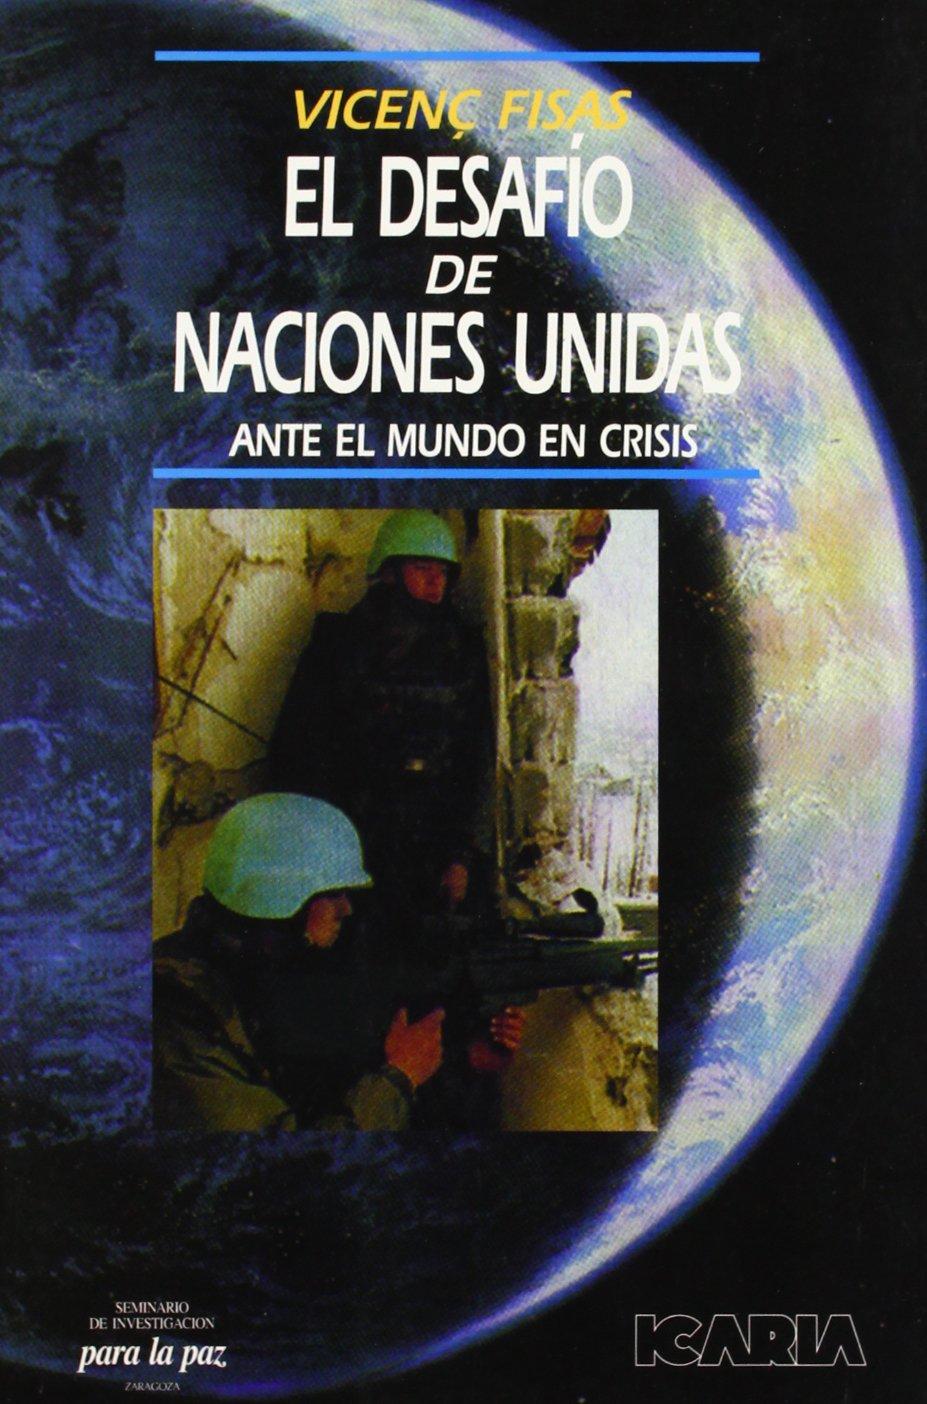 EL DESAFIO DE LAS NACIONES UNIDAS: ANTE EL MUNDO EN CRISIS Antrazyt: Amazon.es: Vicenç Fisas Armengol: Libros